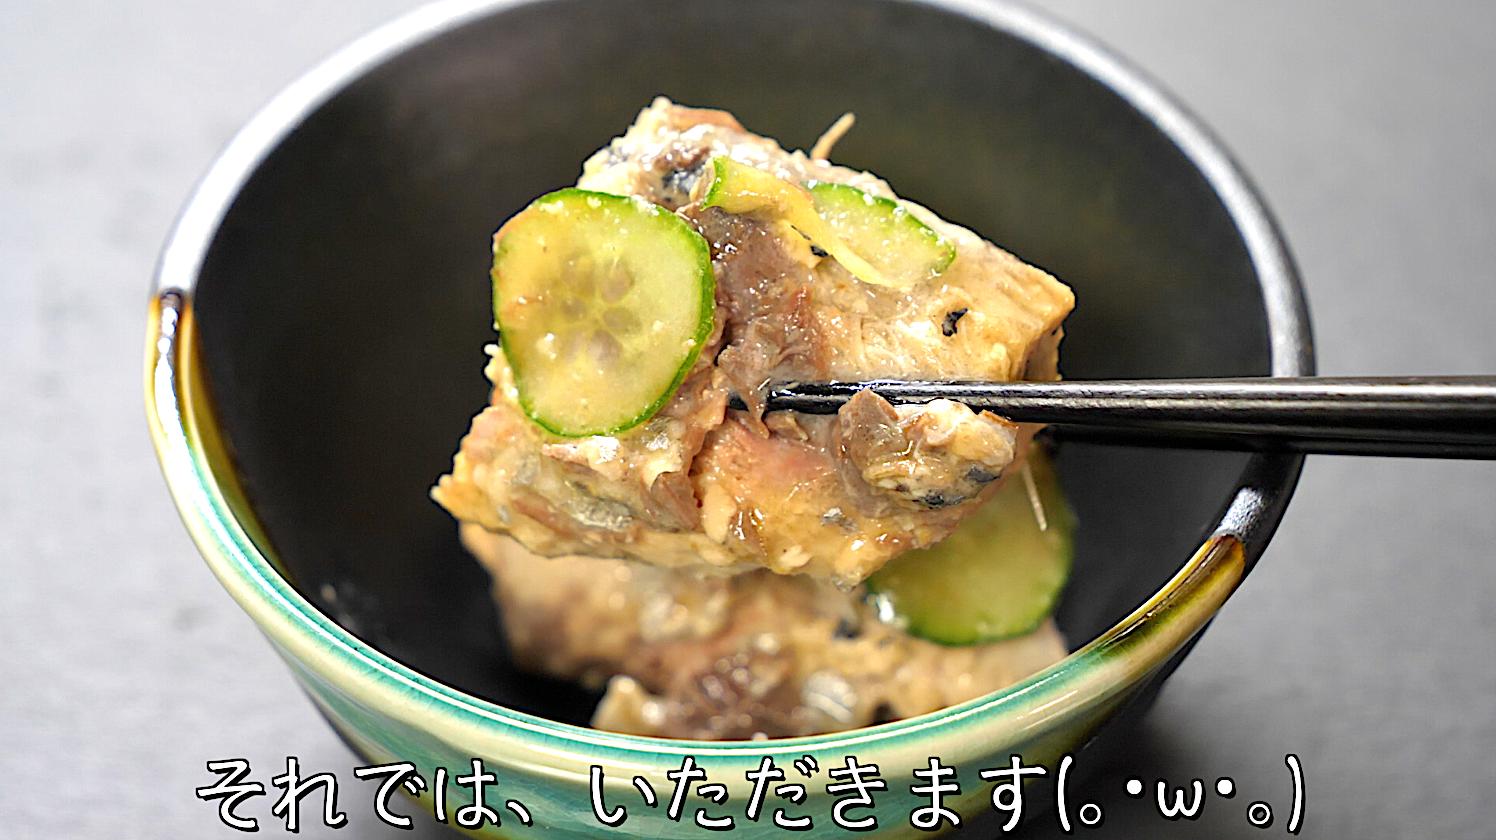 サバ缶 小鉢 レシピ 低糖質 アレンジ